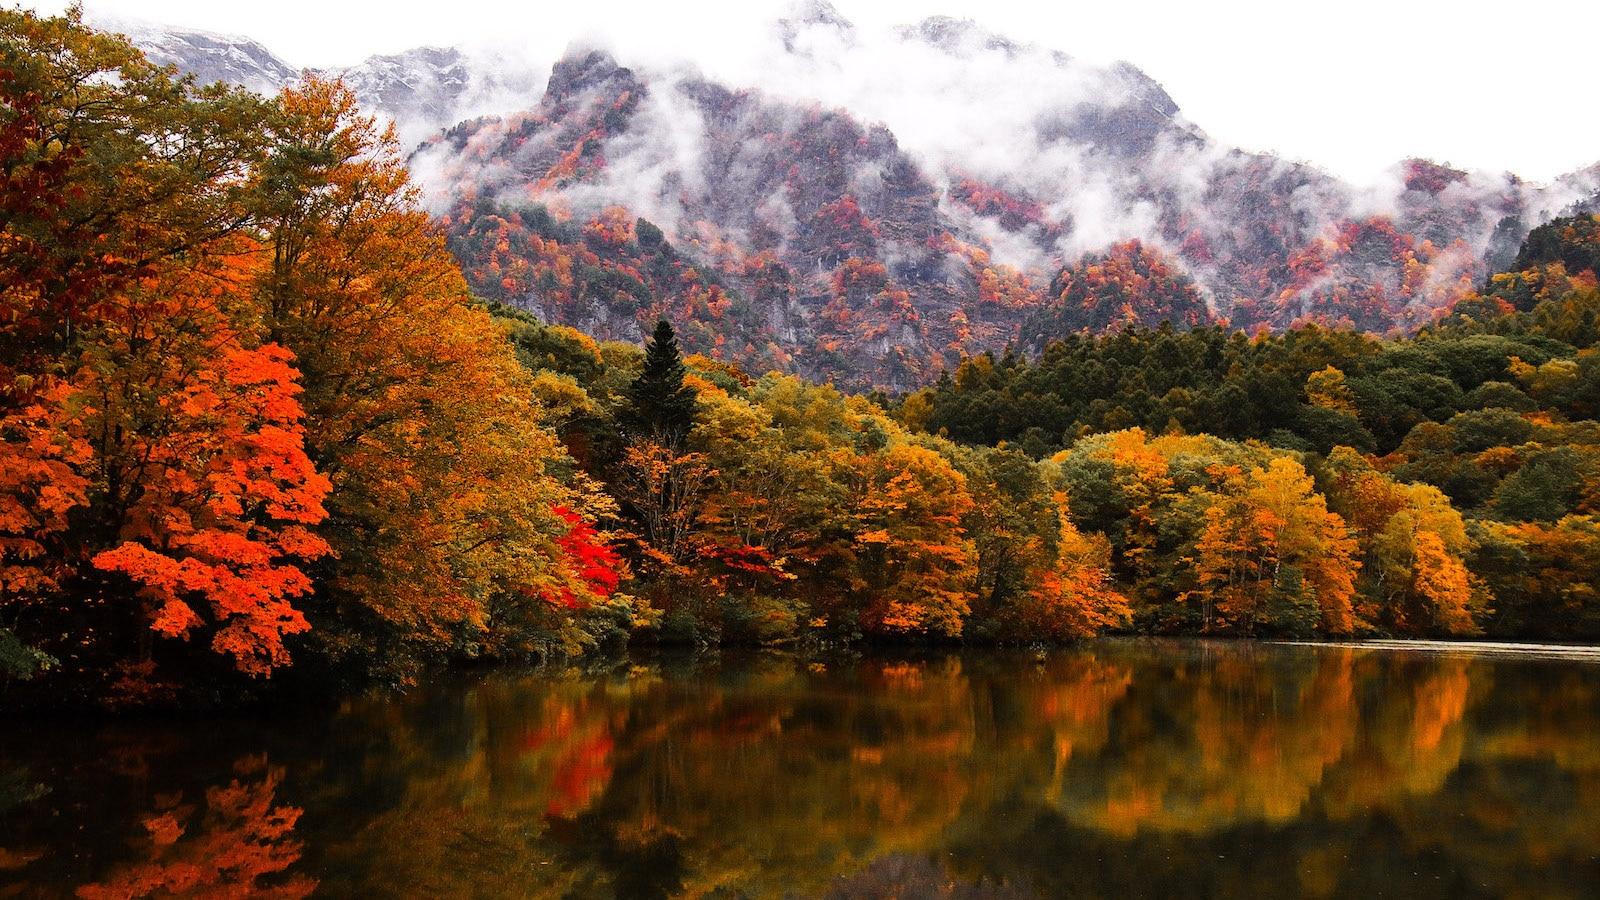 美しき自然の芸術作品!日本が誇る「水鏡」世界への誘い